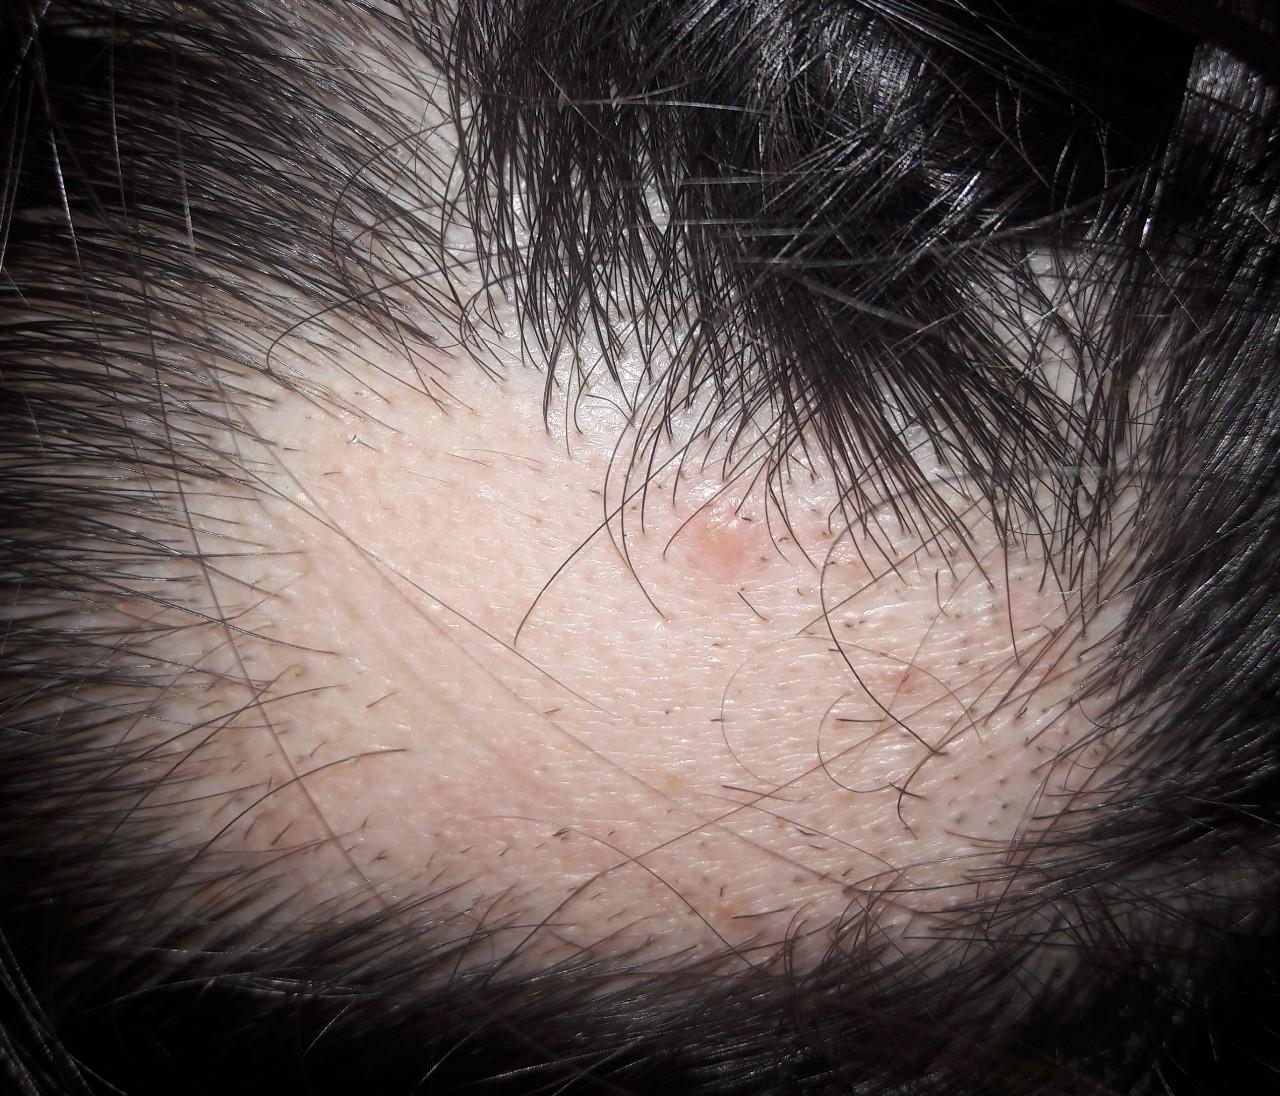 порно с волосистой части головы